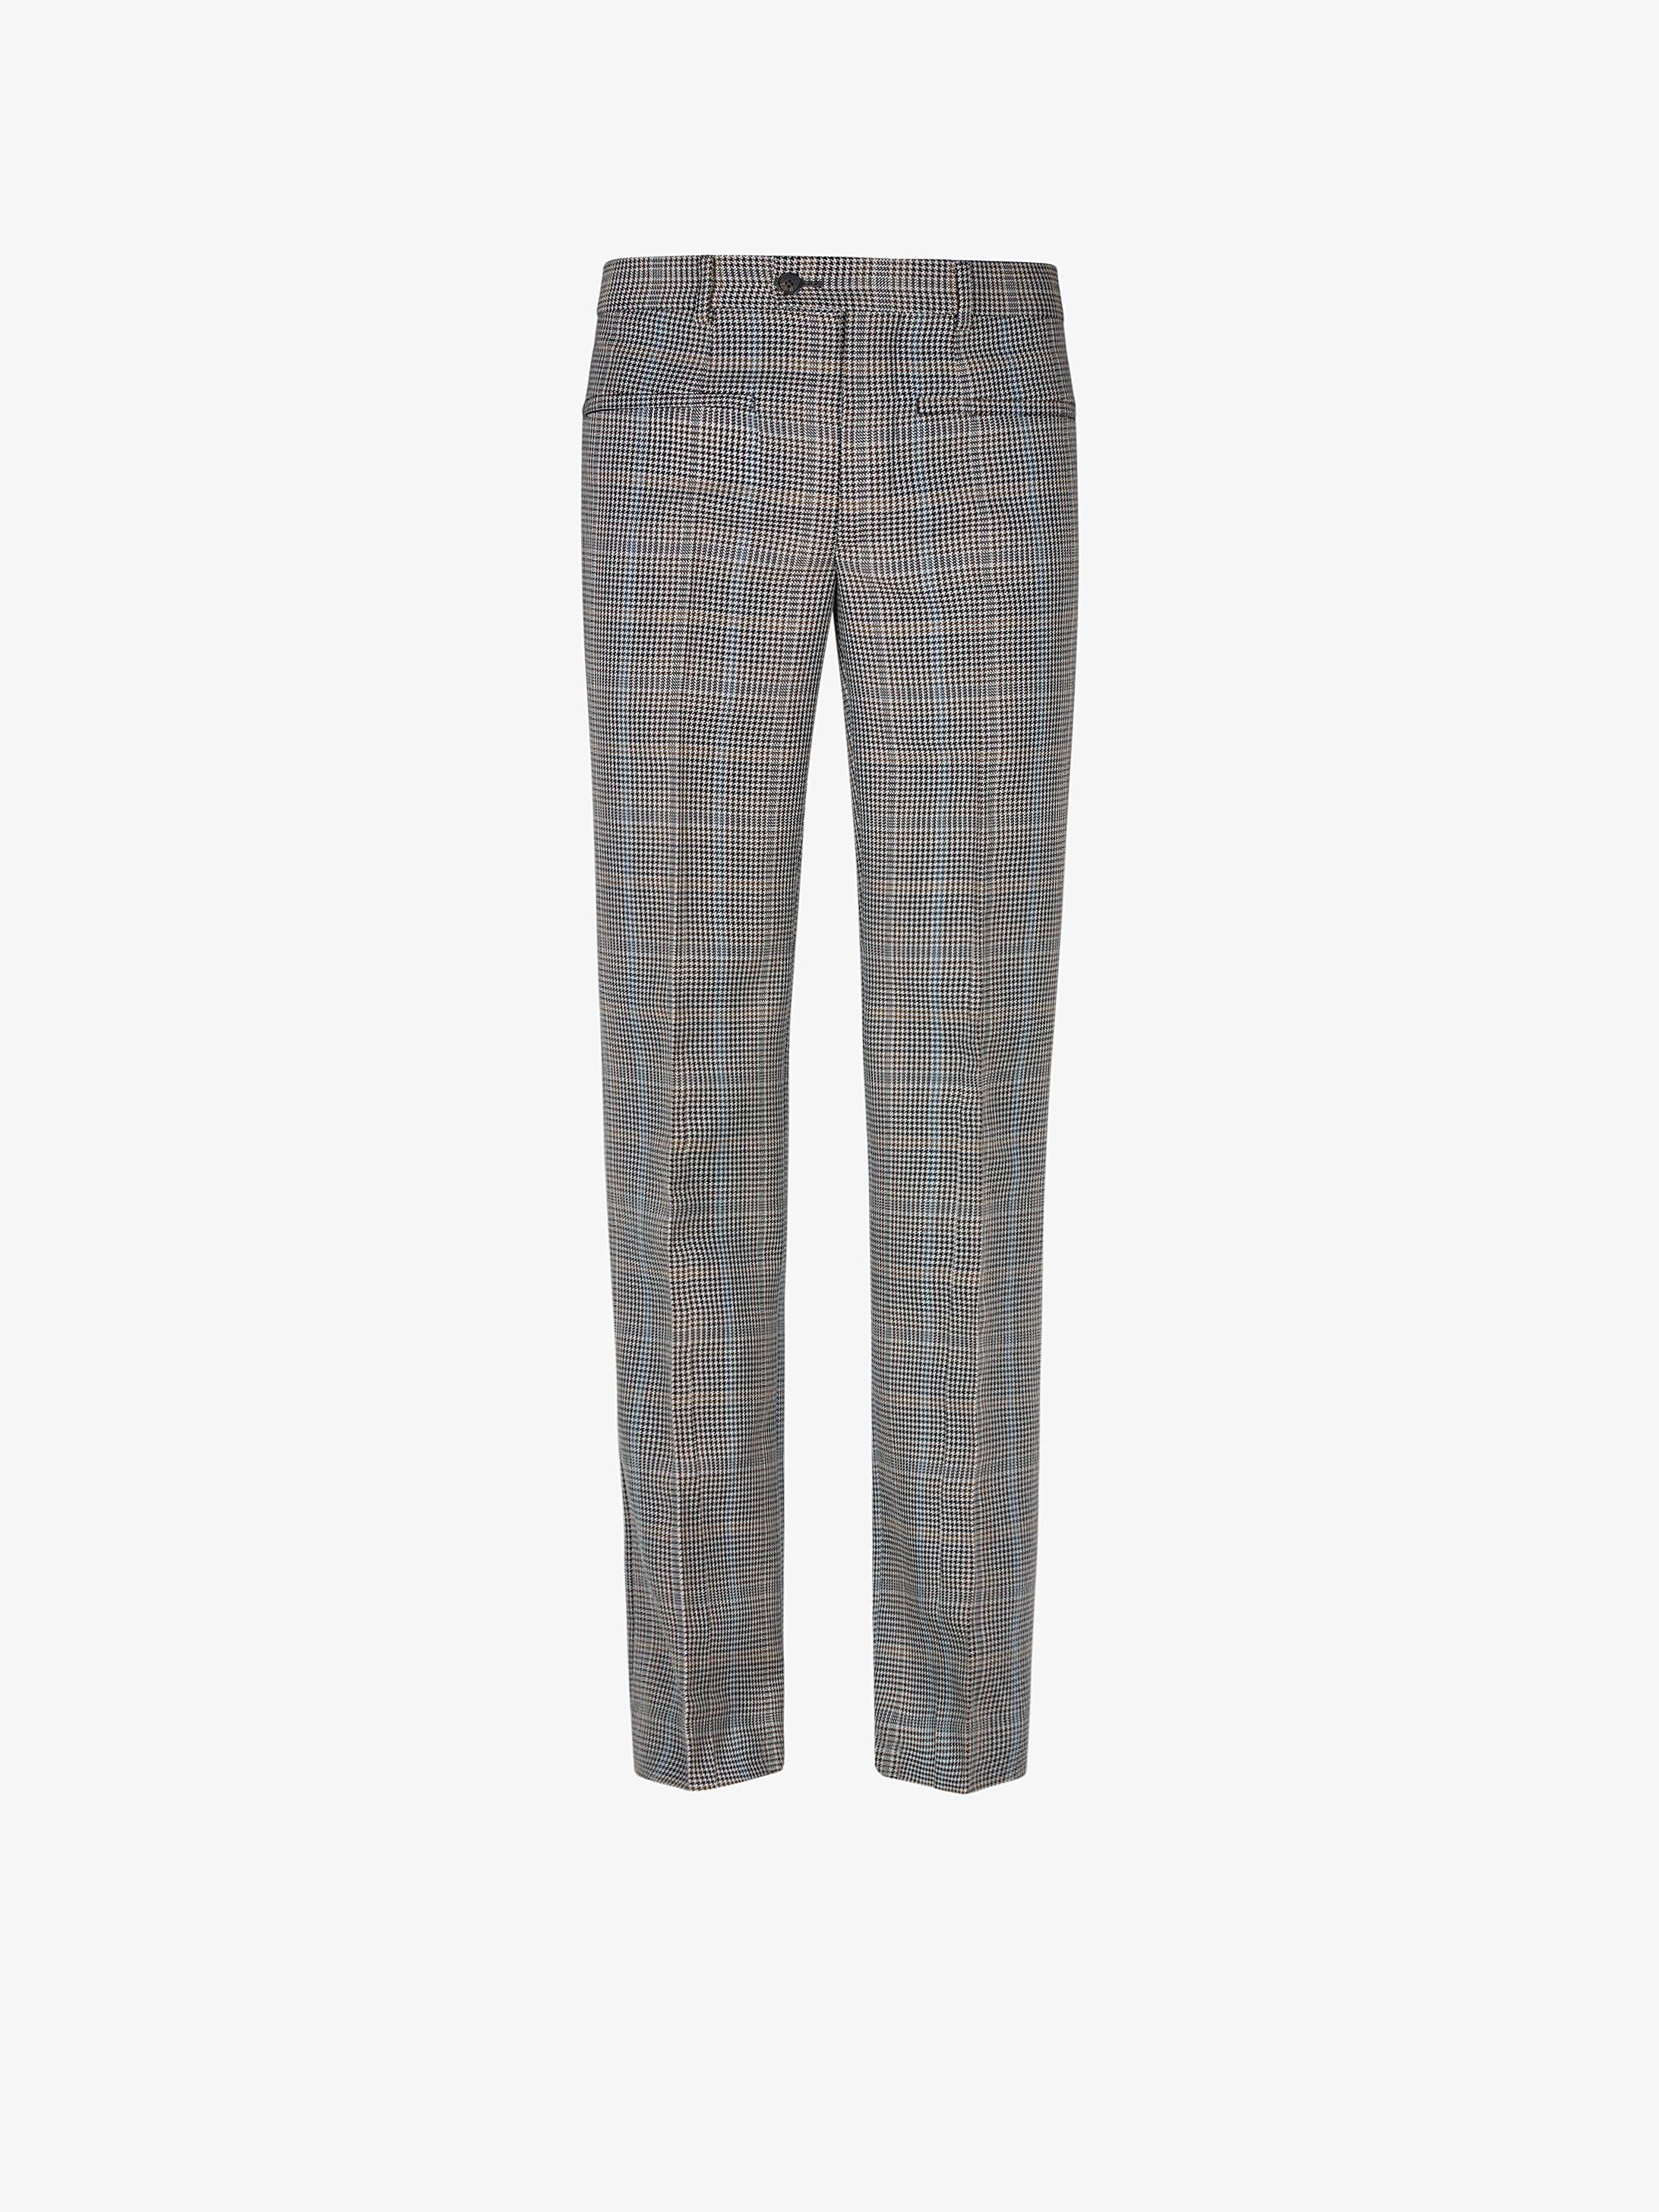 Skinny pants in Prince of Wales